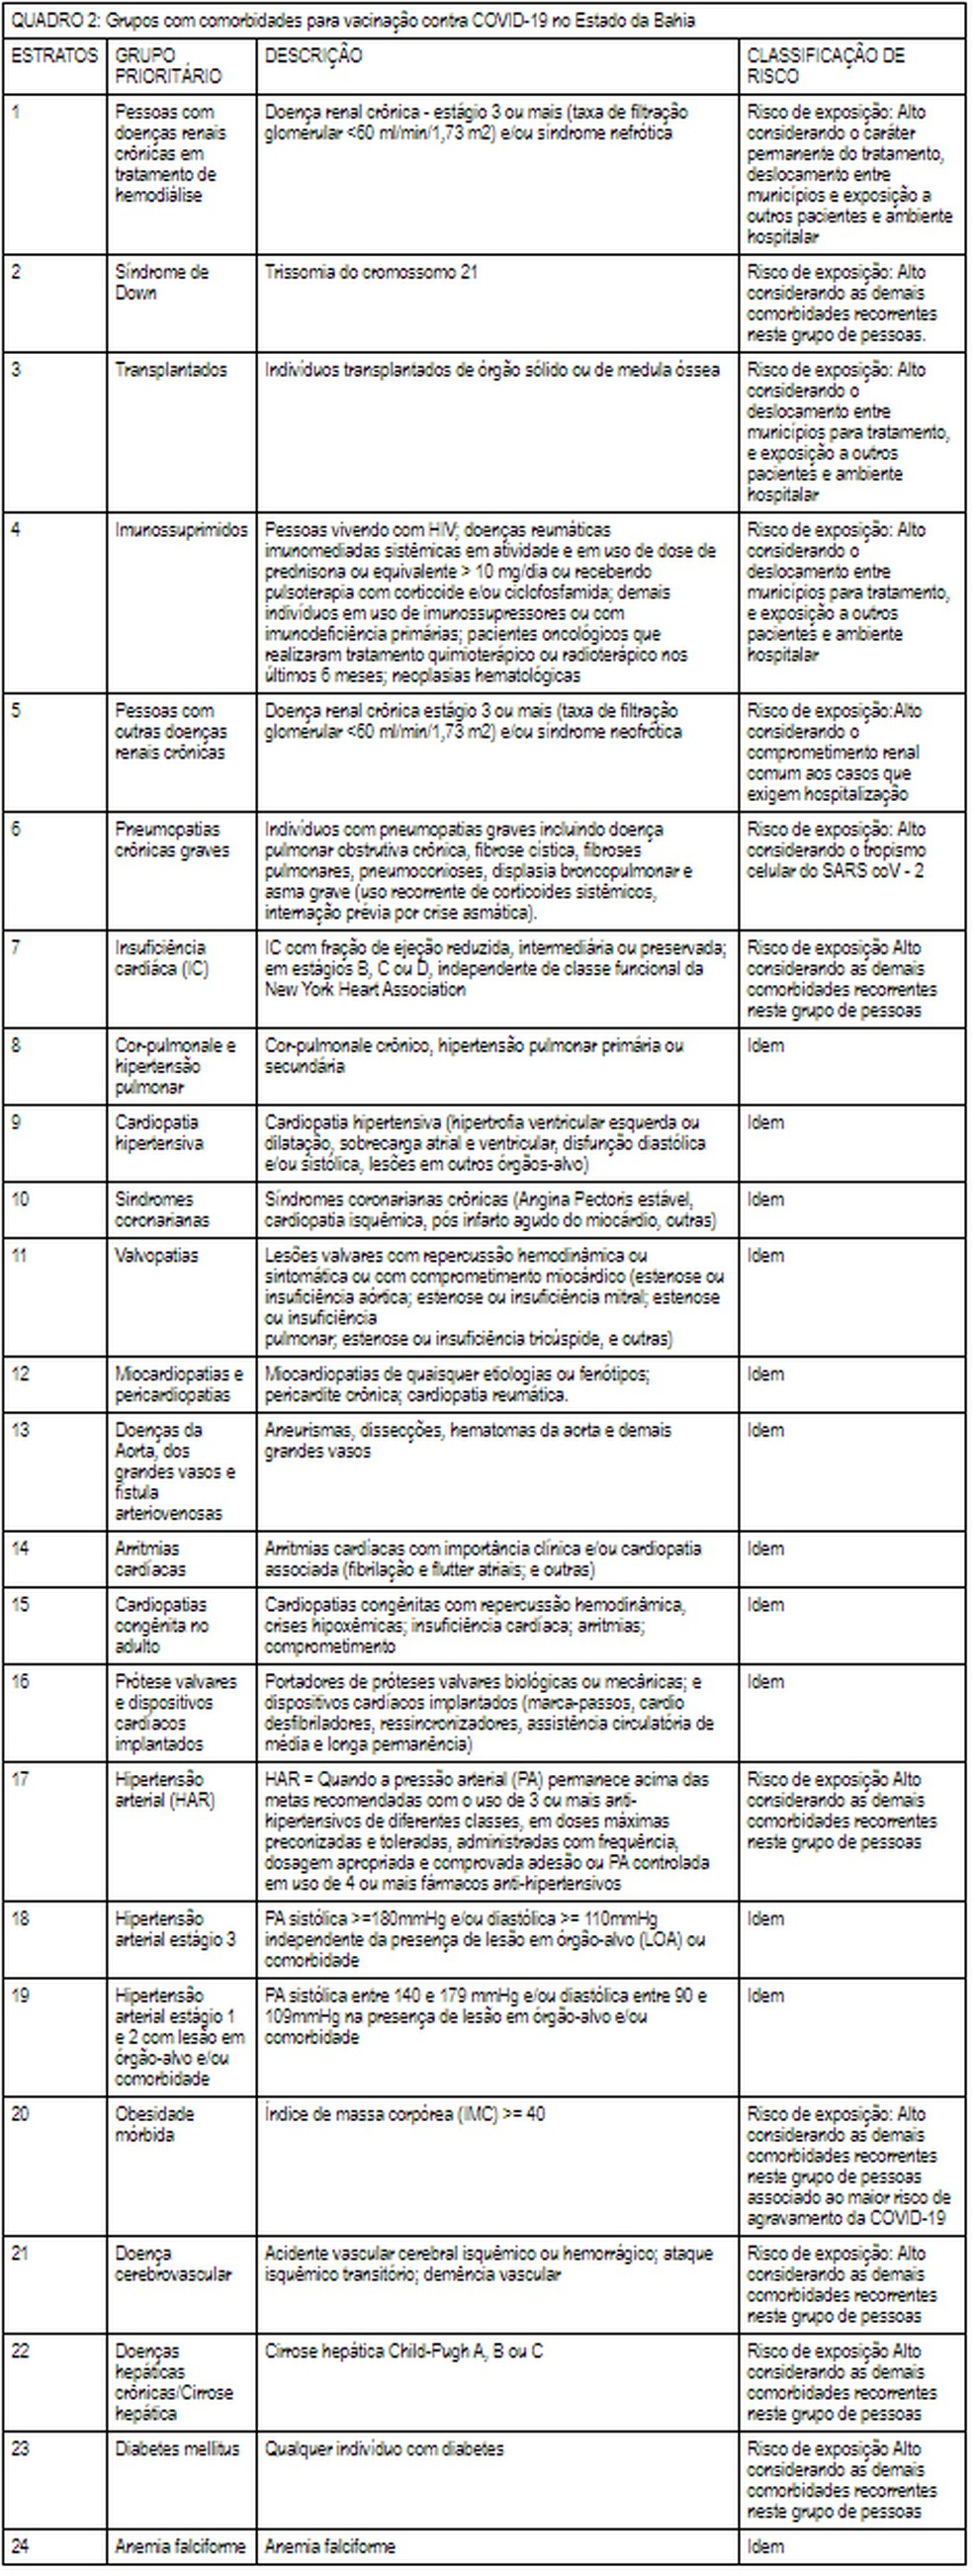 Tabela das prioridades entre as pessoas com comorbidades — Foto: Reprodução/Diário oficial do EStado